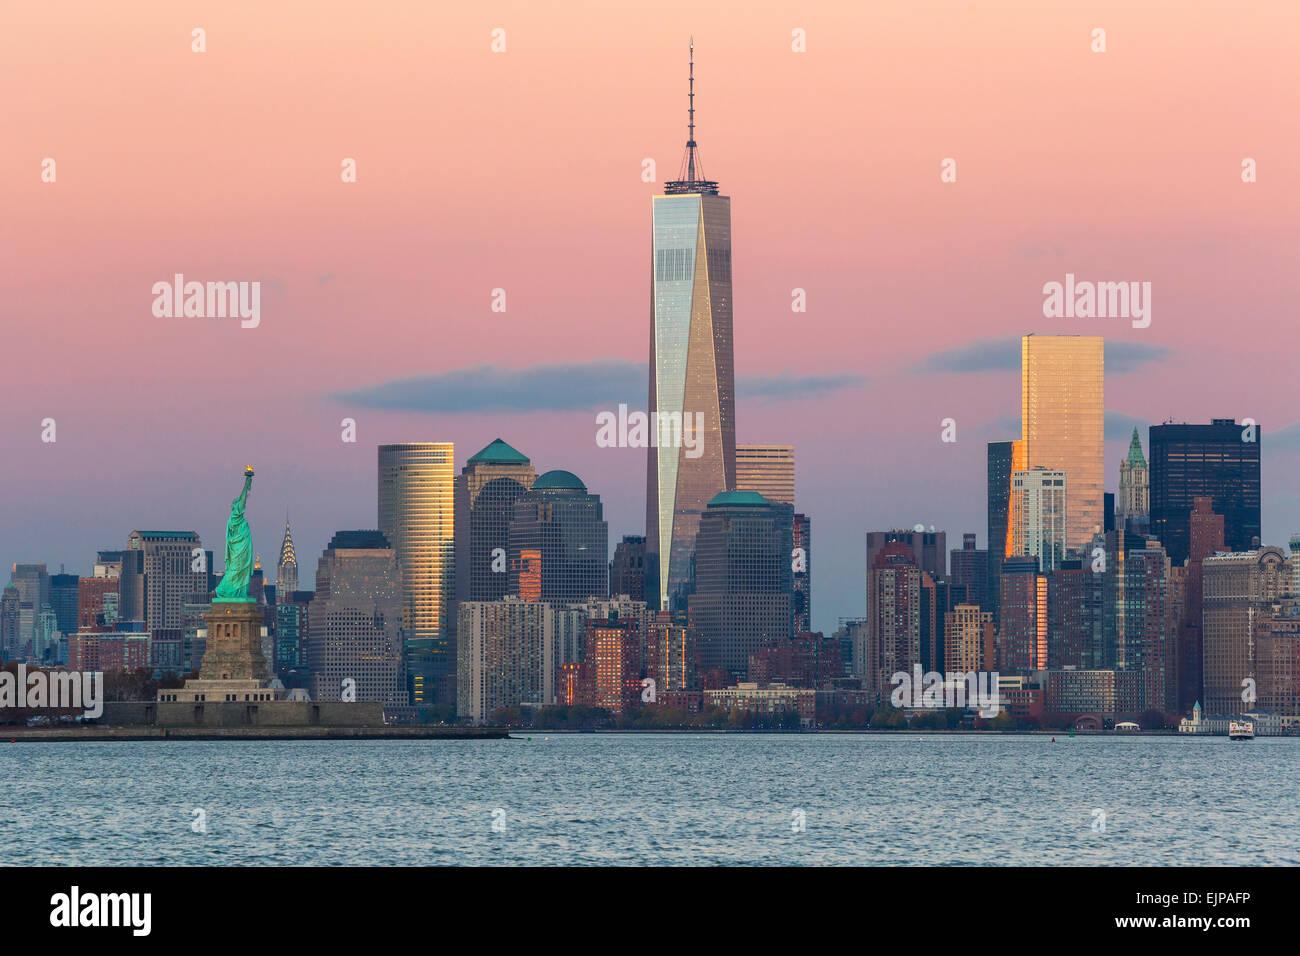 La estatua de la libertad, One World Trade Center y el centro de Manhattan, al otro lado del Río Hudson, Nueva York, Foto de stock